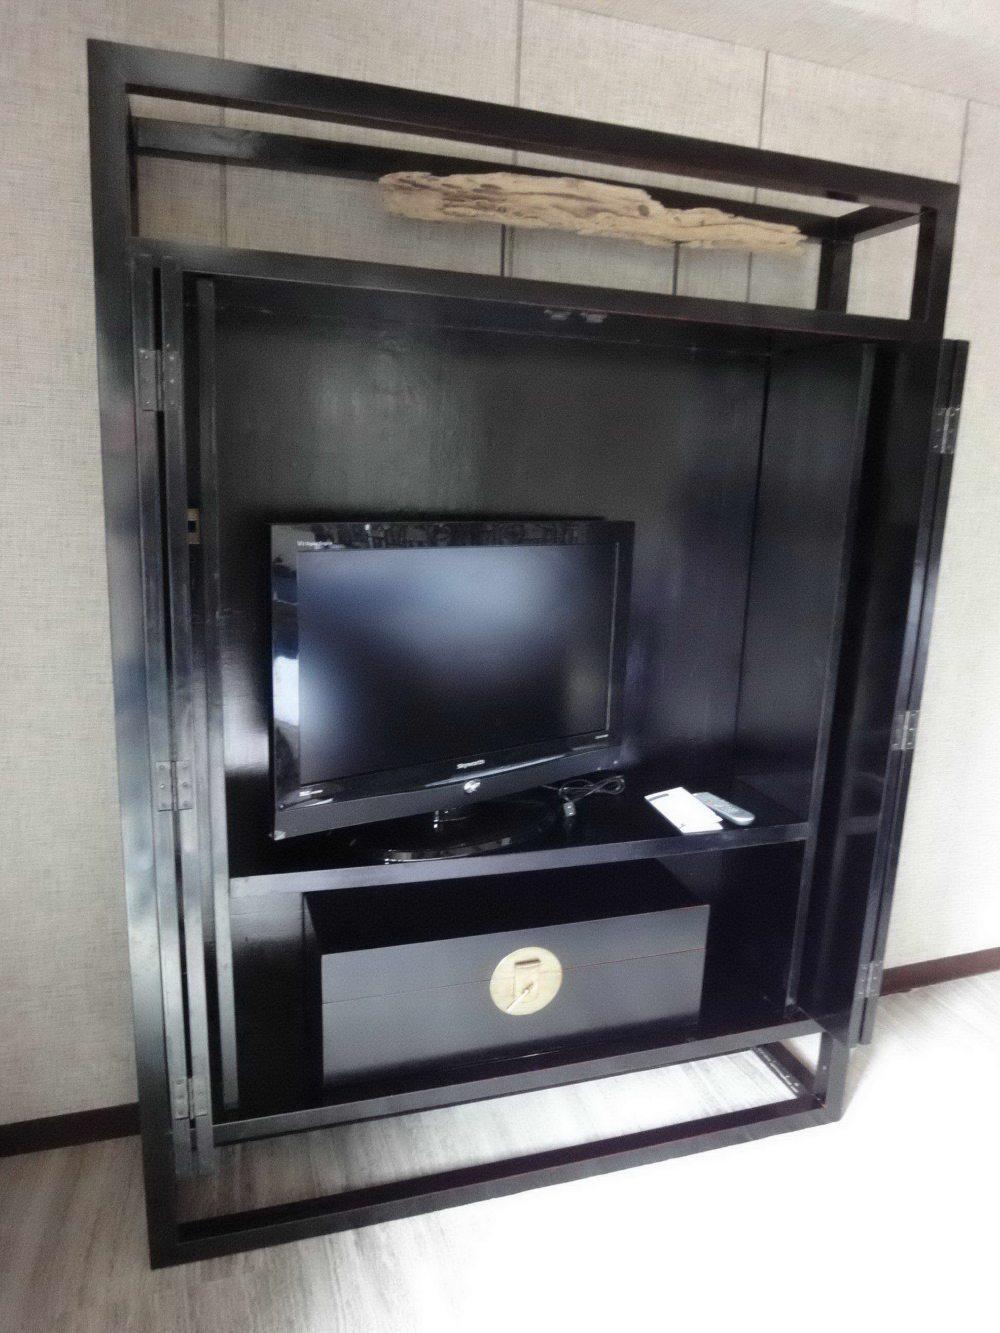 云南丽江铂尔曼渡假酒店(Lijiang Pullman Hotel)(CCD)(第8页更新)_DSC05182.jpg